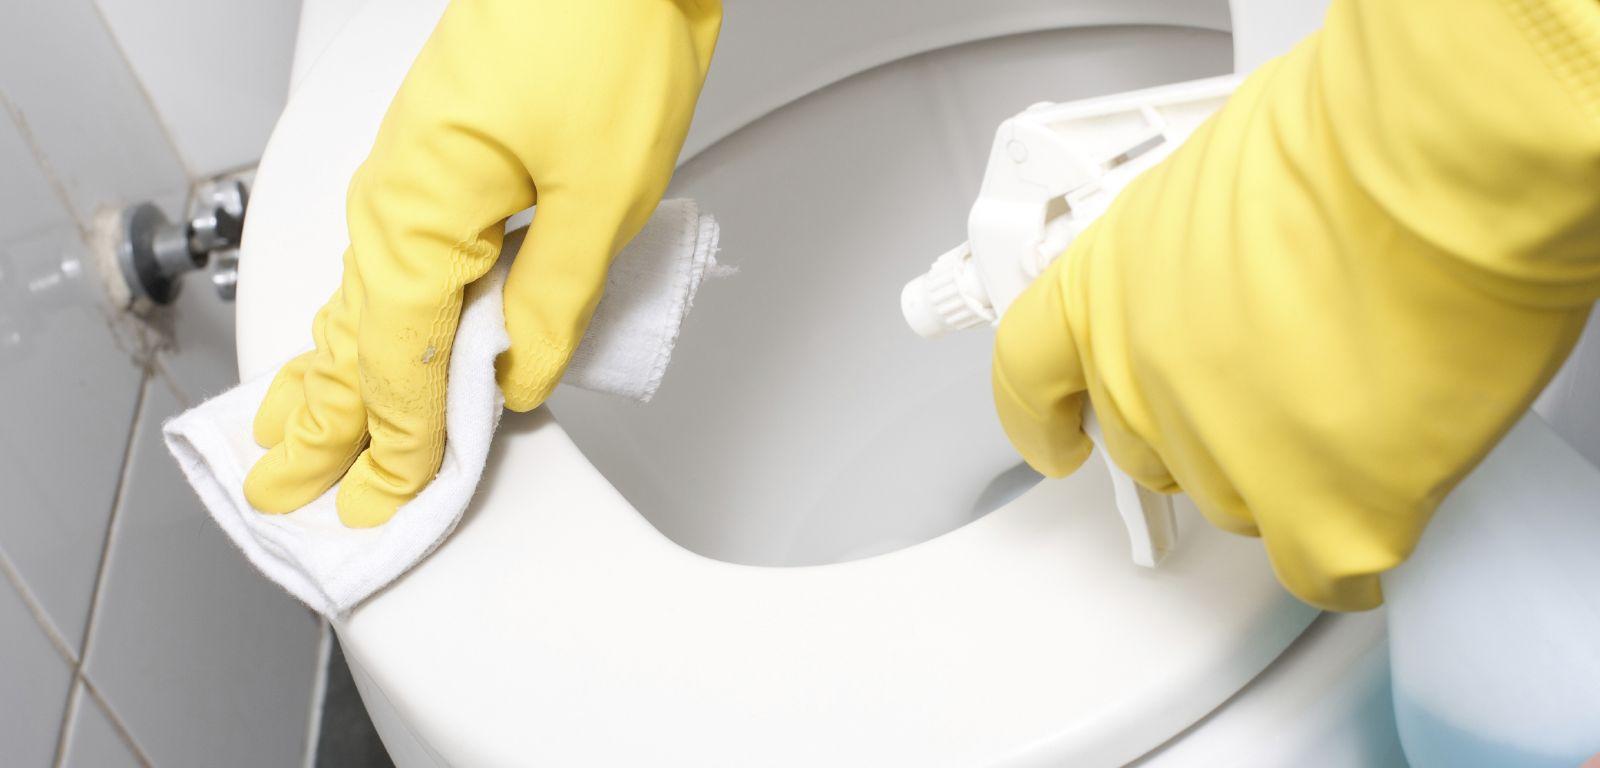 Χρήσιμα tips για να αστράφτει το σπίτι σας